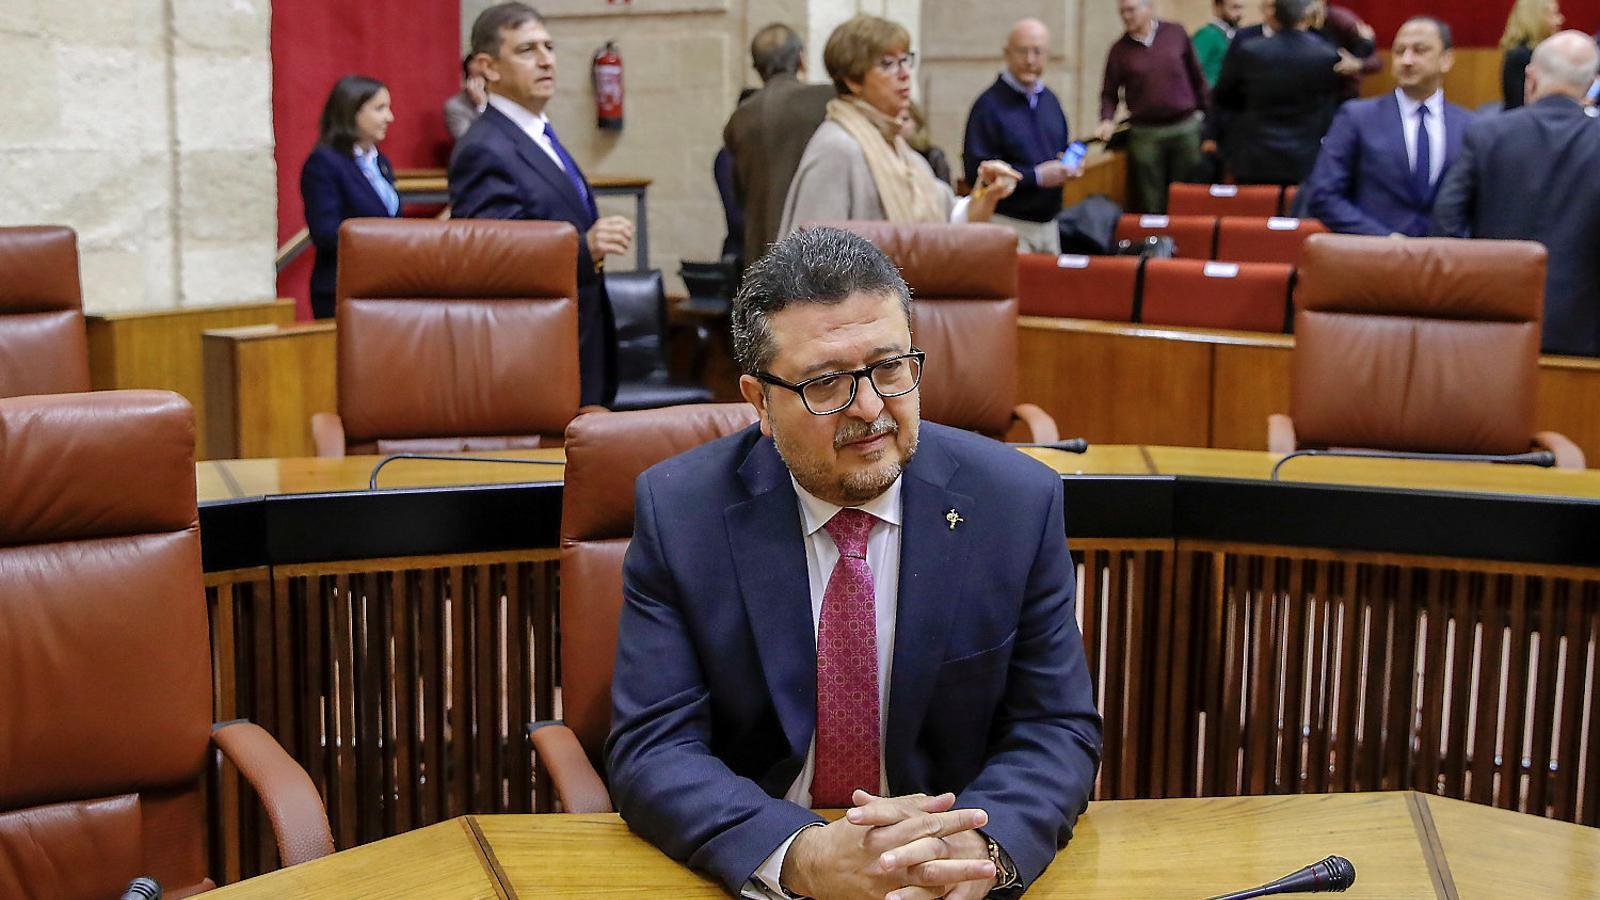 El líder de Vox al Parlament andalús, Francisco Serrano, el seu primer dia a la cambra.